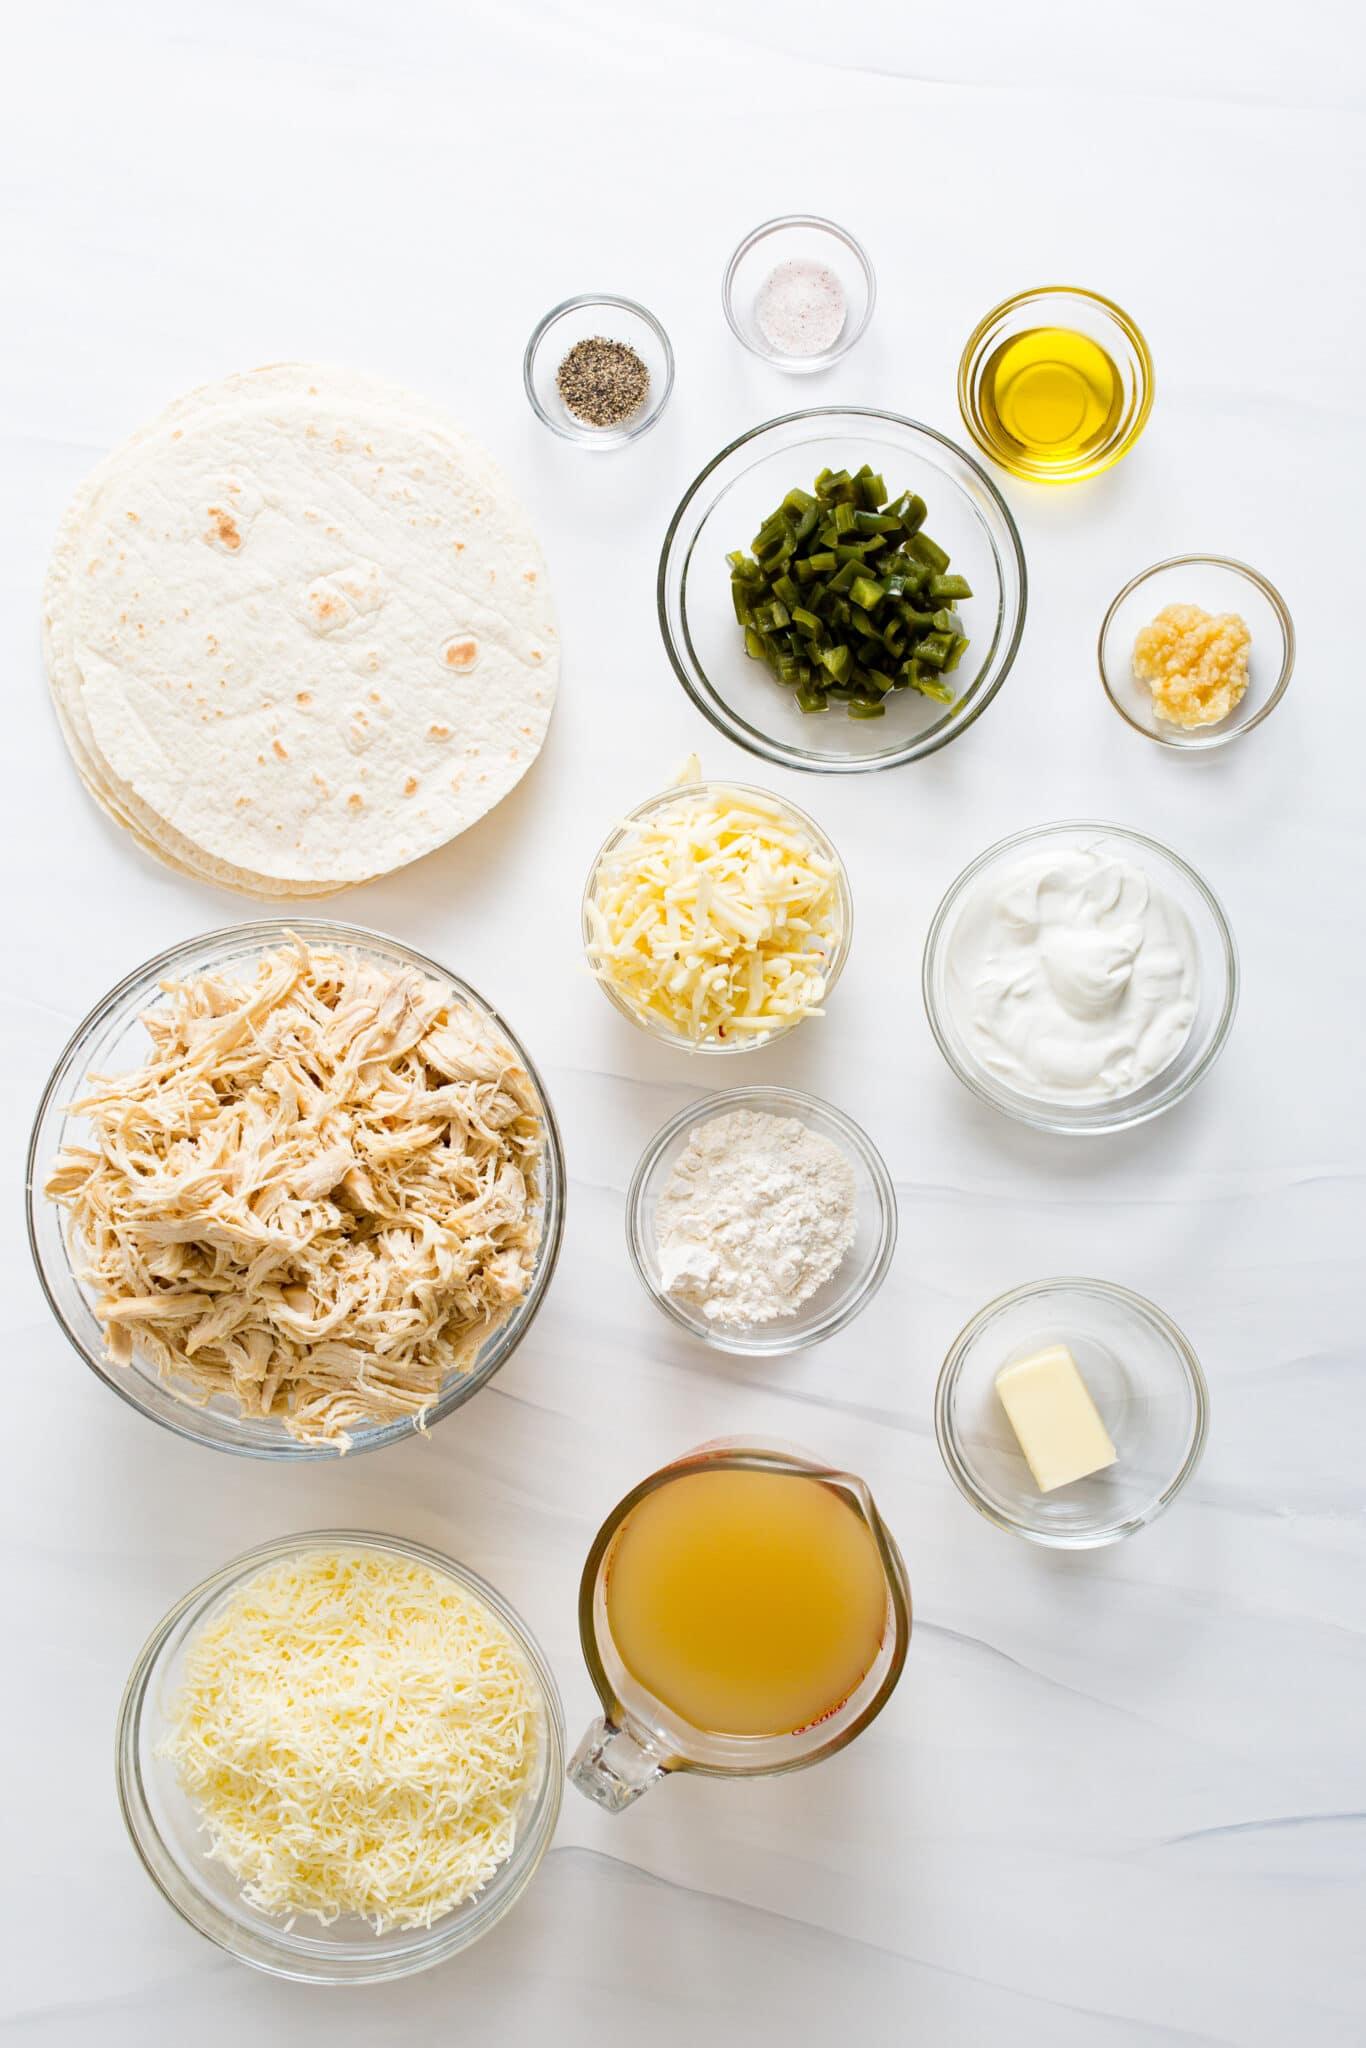 ingredients needed to make white chicken enchiladas